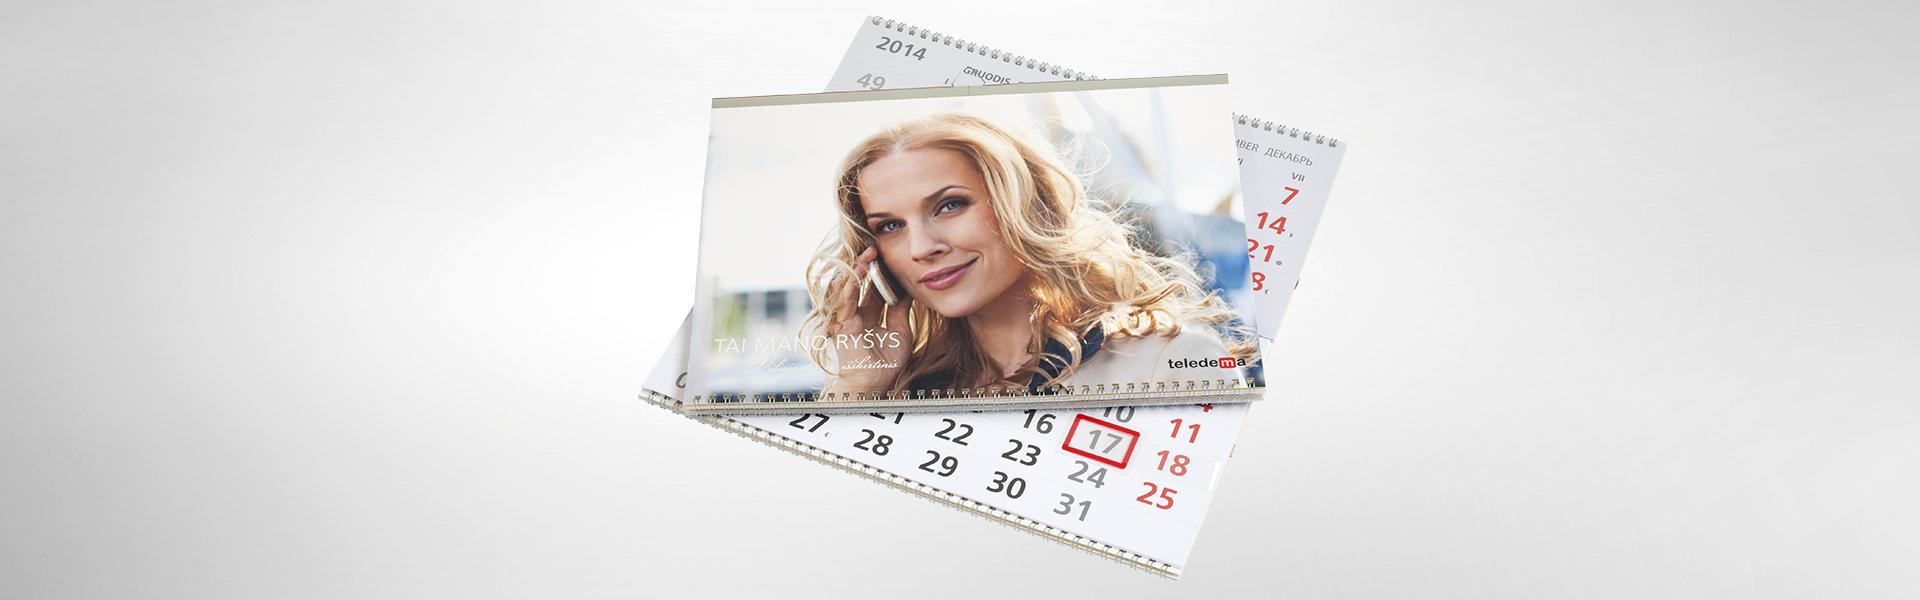 Tarptinklinis ryšys - kalendorius